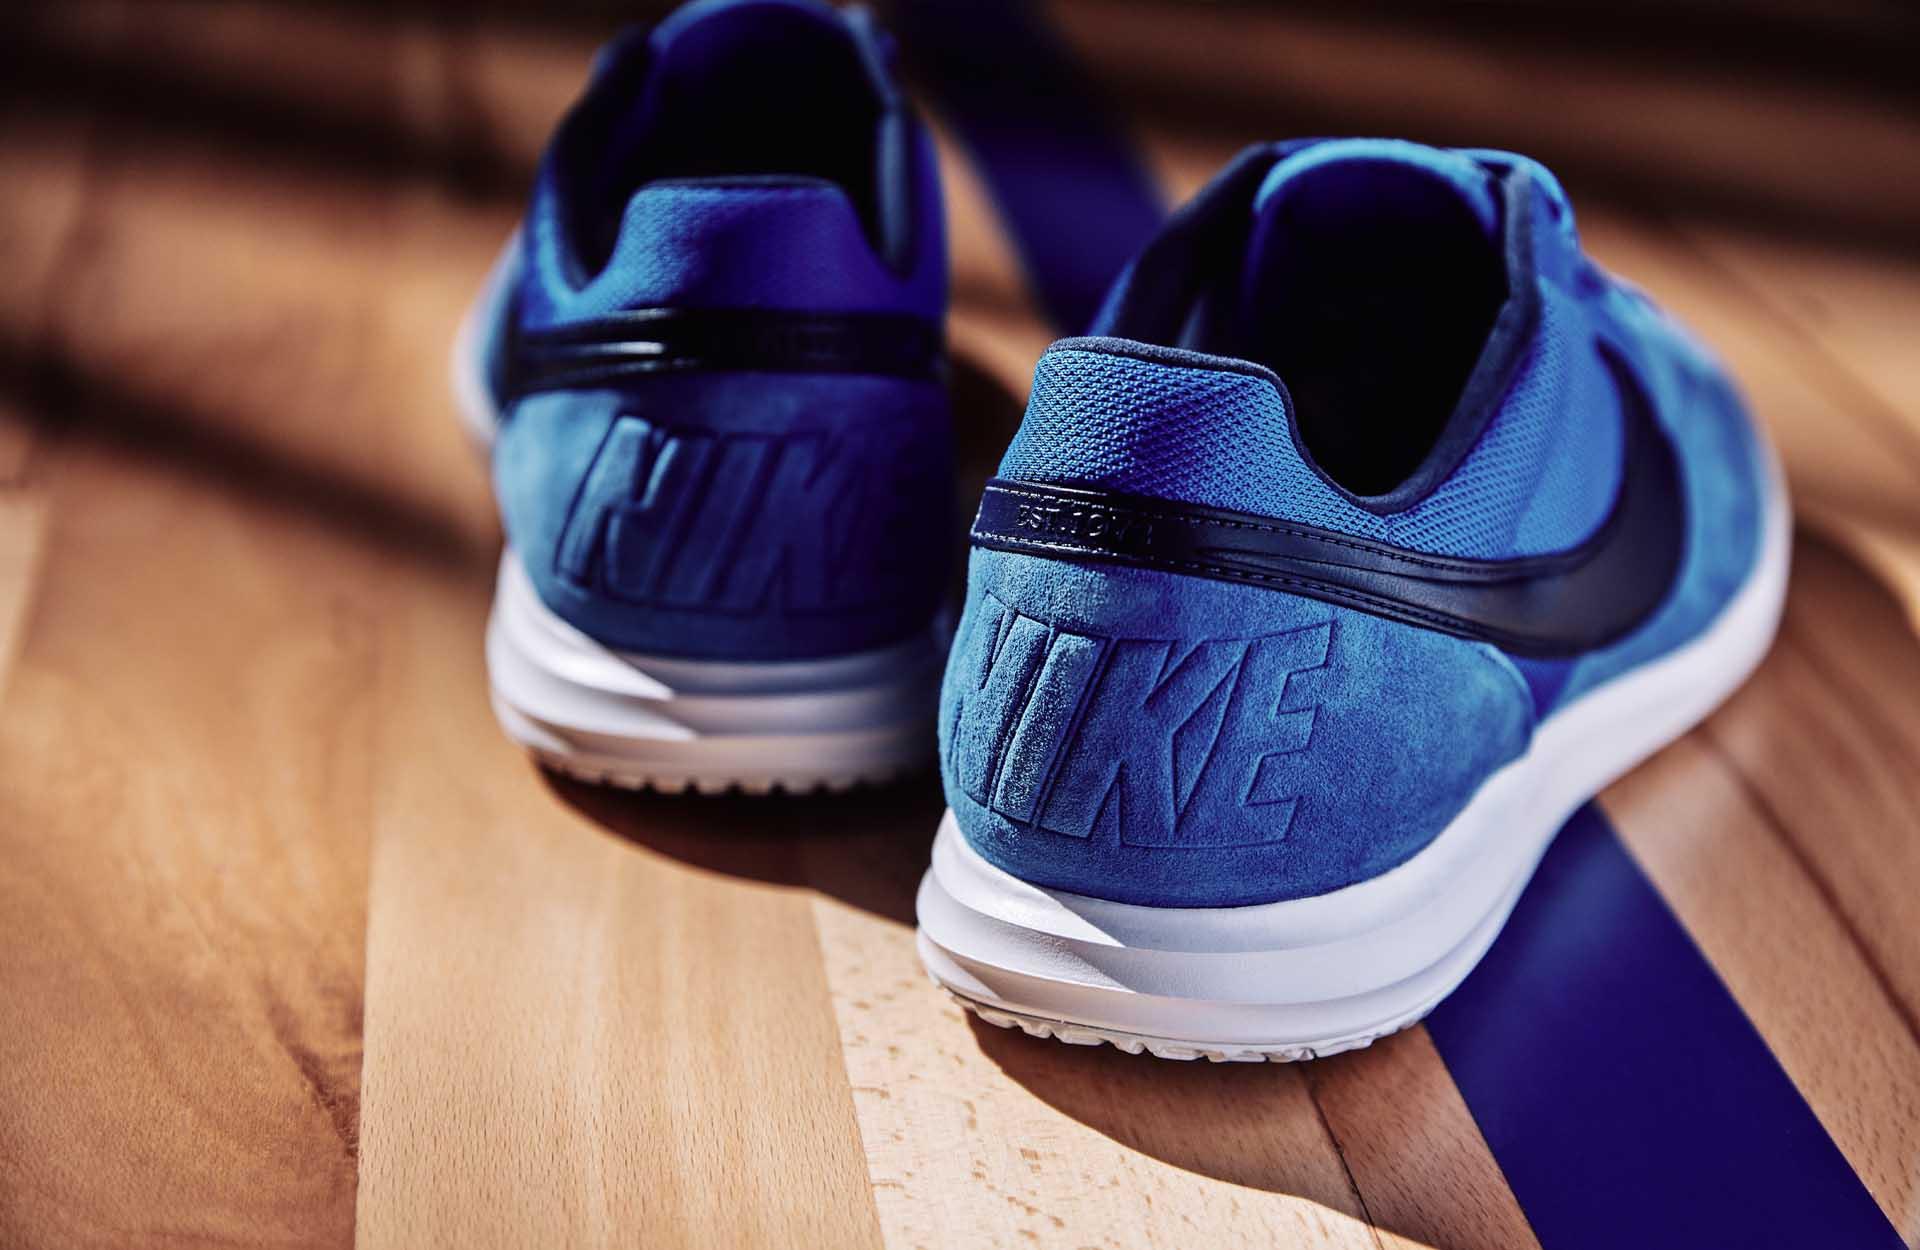 Đế giày êm ái với công nghệ đệm xốp Lunarlon của các mẫu giày bóng đá Skycourt